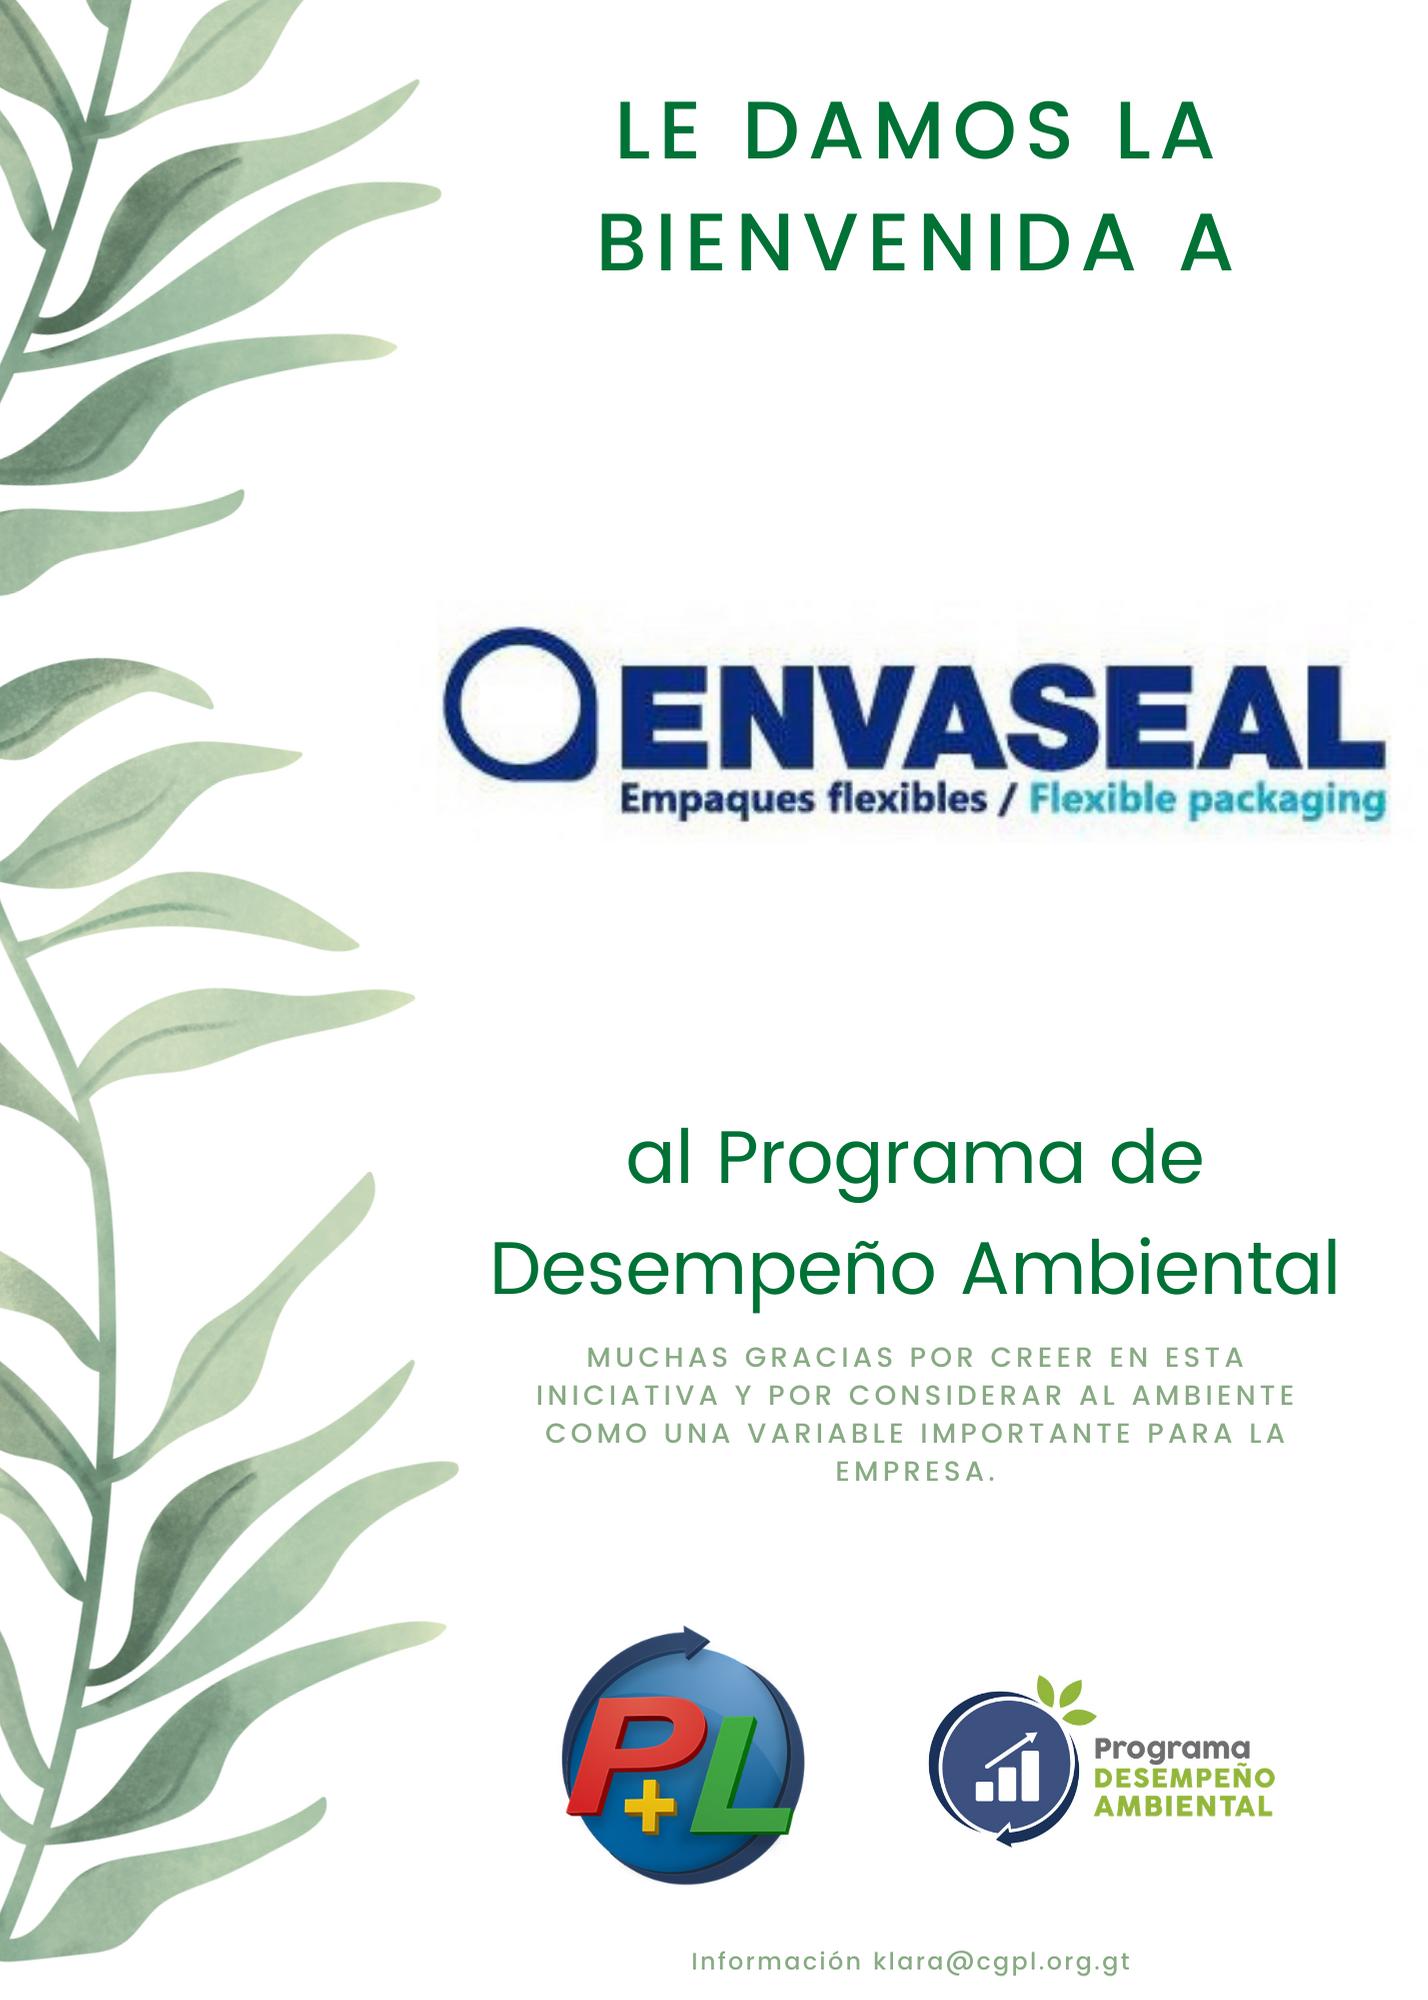 Le Damos La Bienvenida A Envaseal Al Programa De Desempeño Ambiental